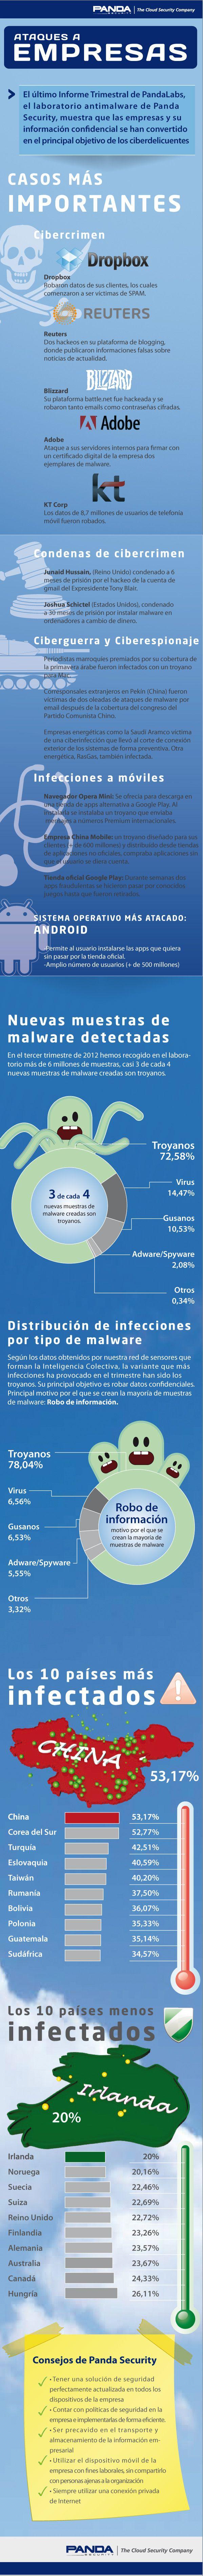 Ataques informáticos más importantes en 2012 #infografia